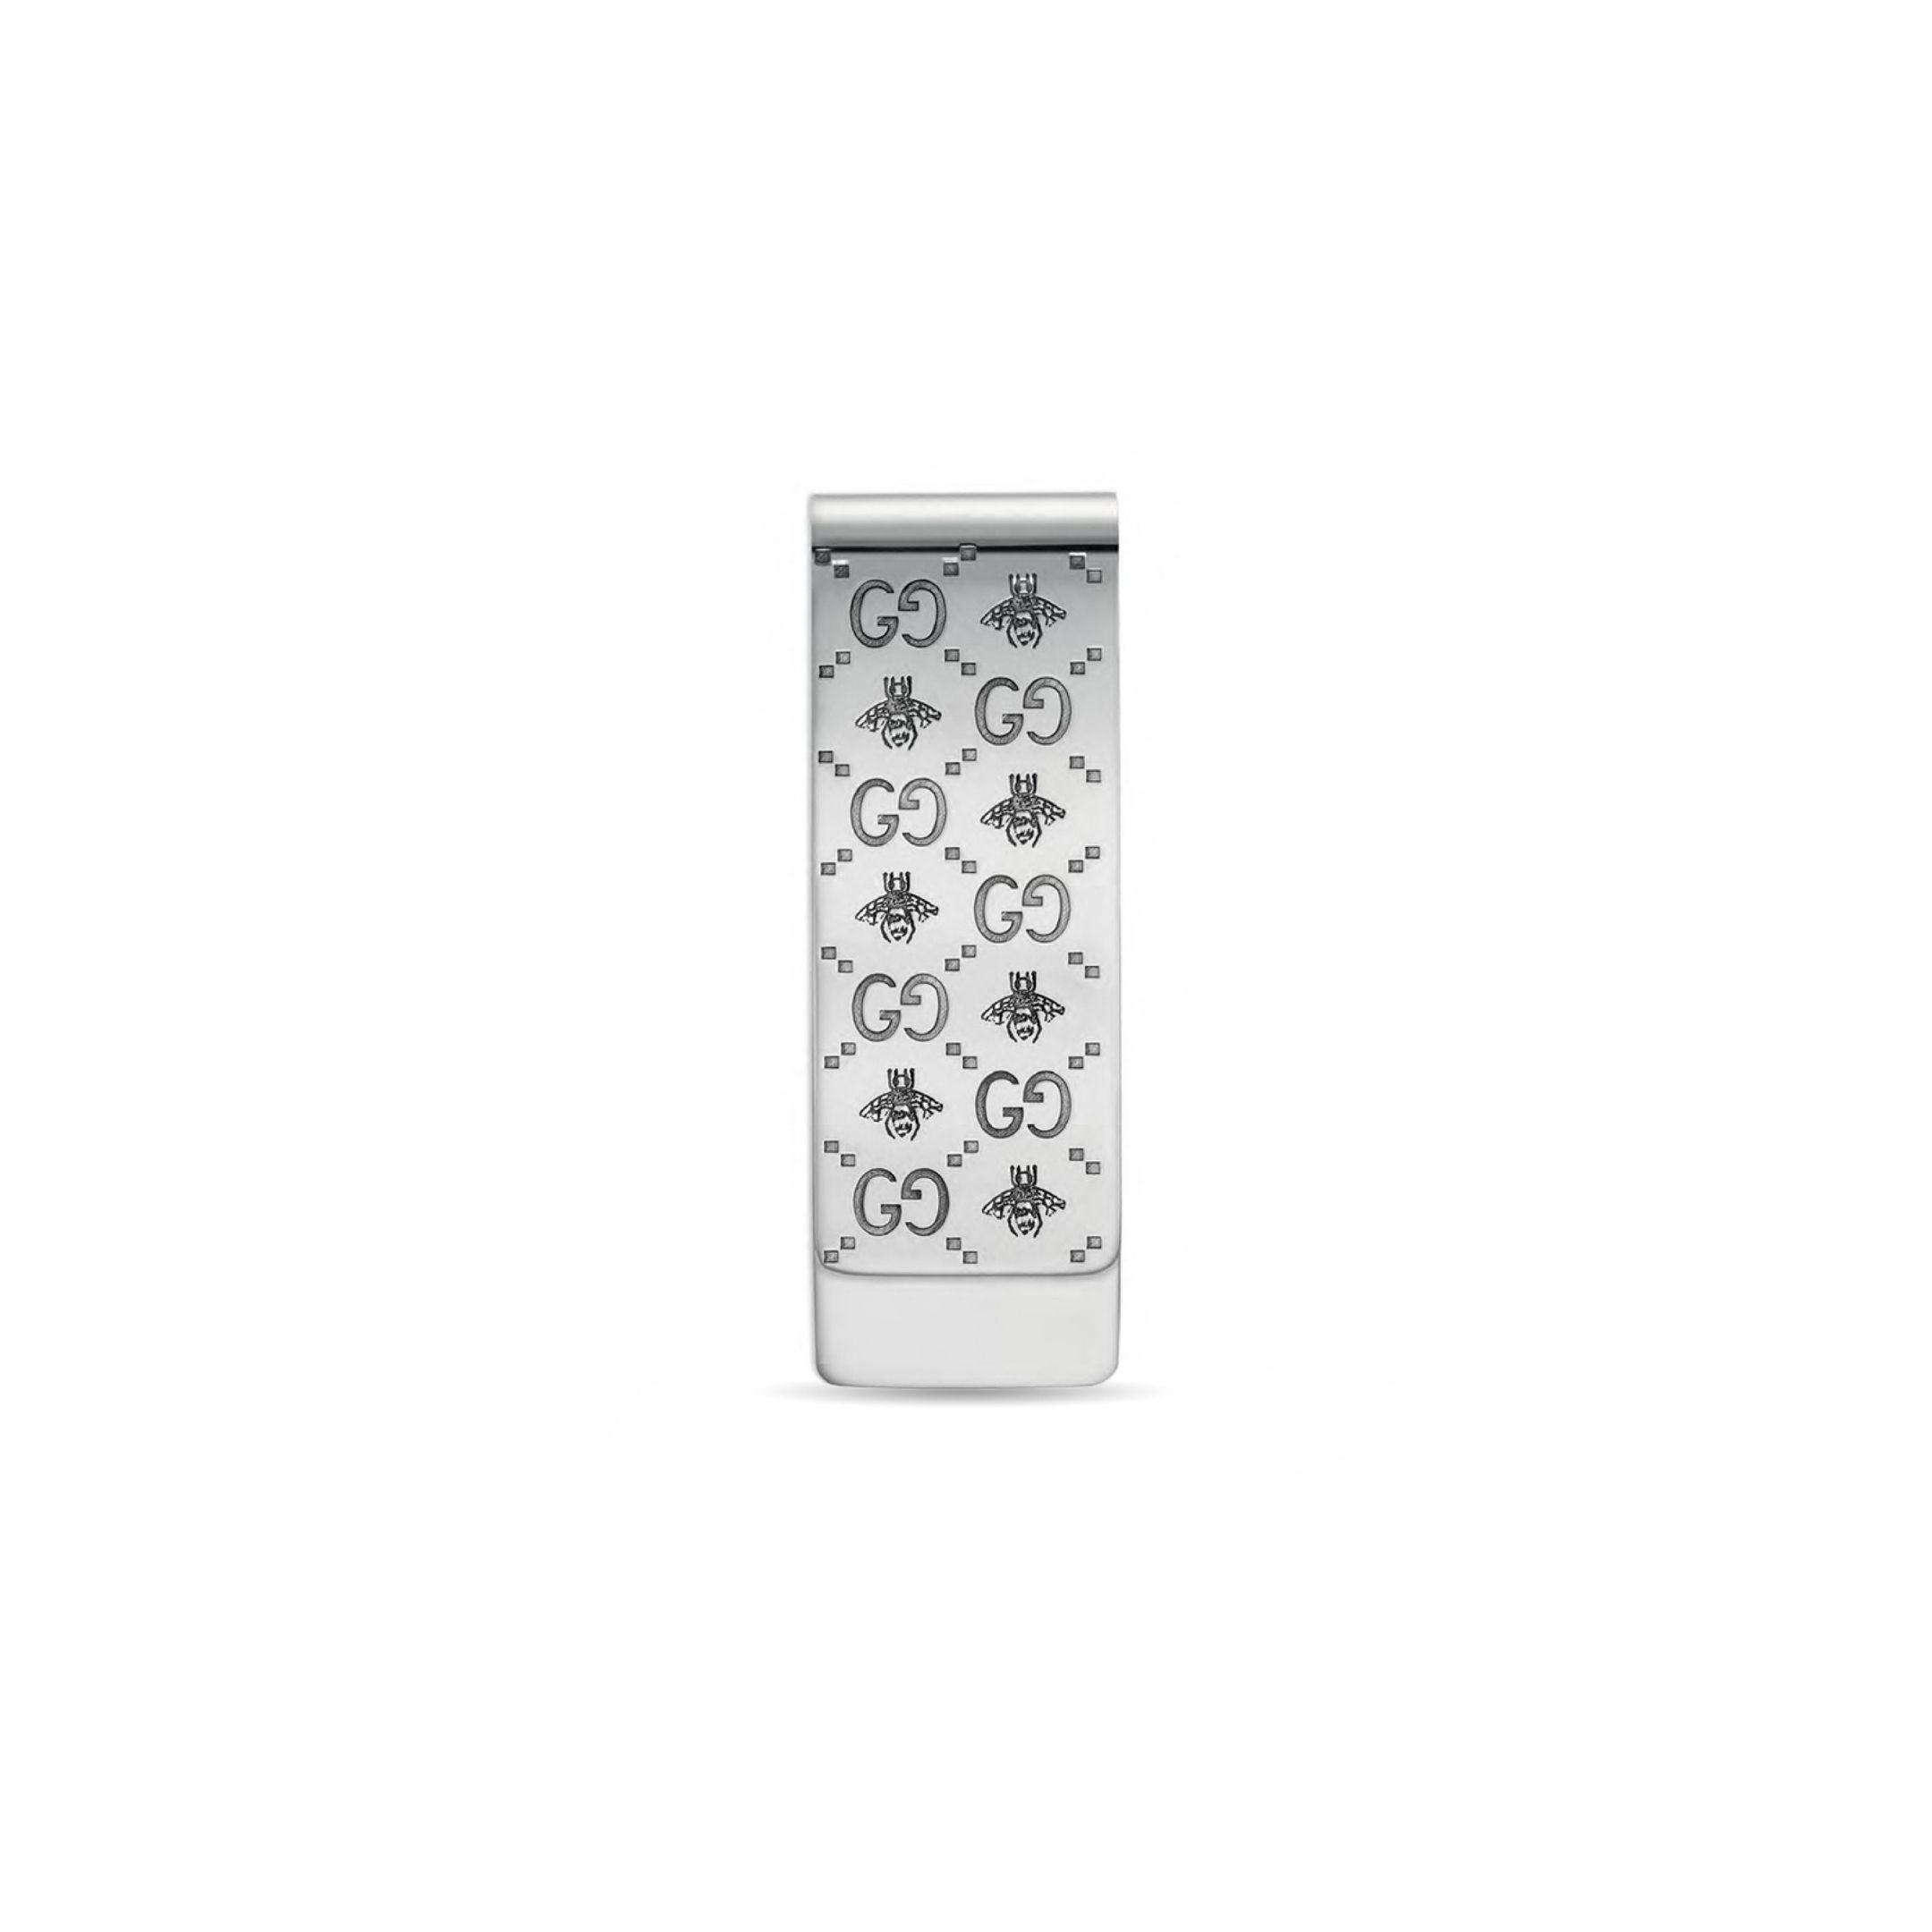 YBF455884001 germasoldi argento Gucci bee moneyclip sconto discount